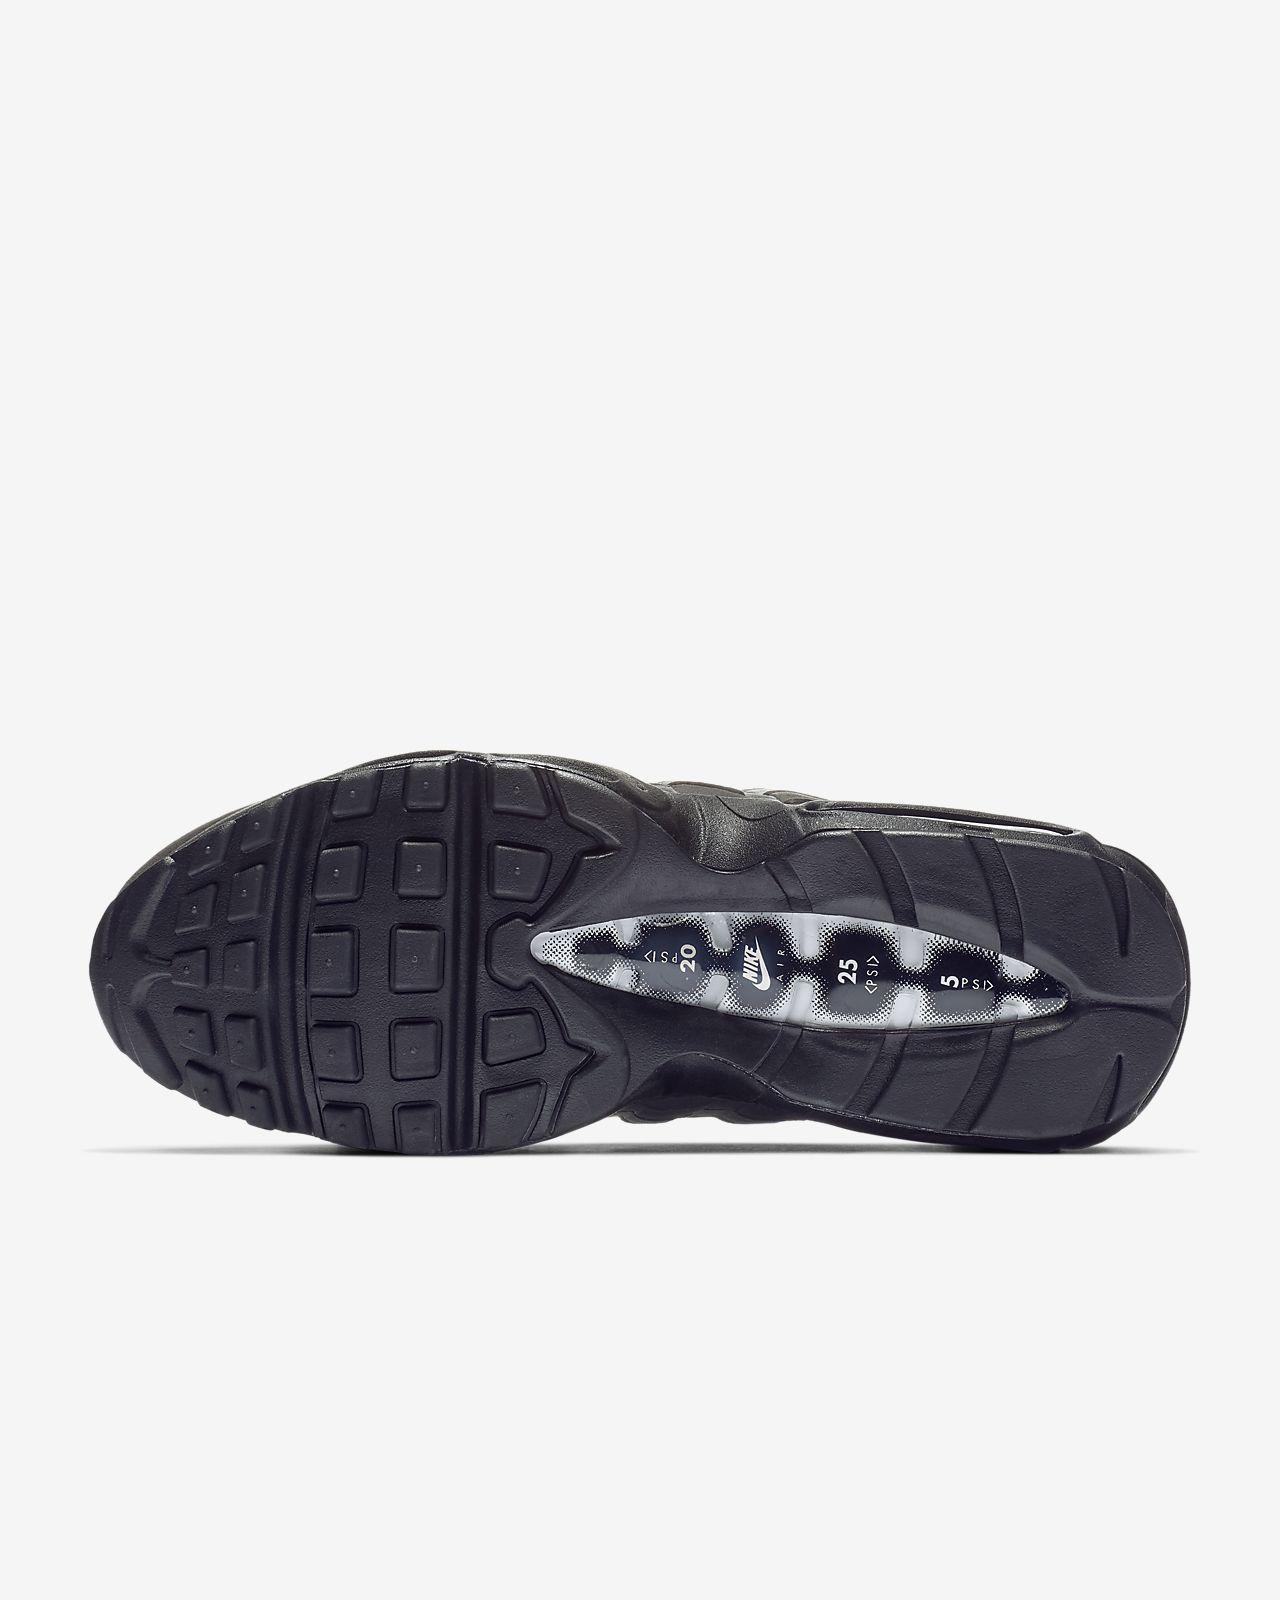 122e706a20 Nike Air Max 95 OG Shoe. Nike.com